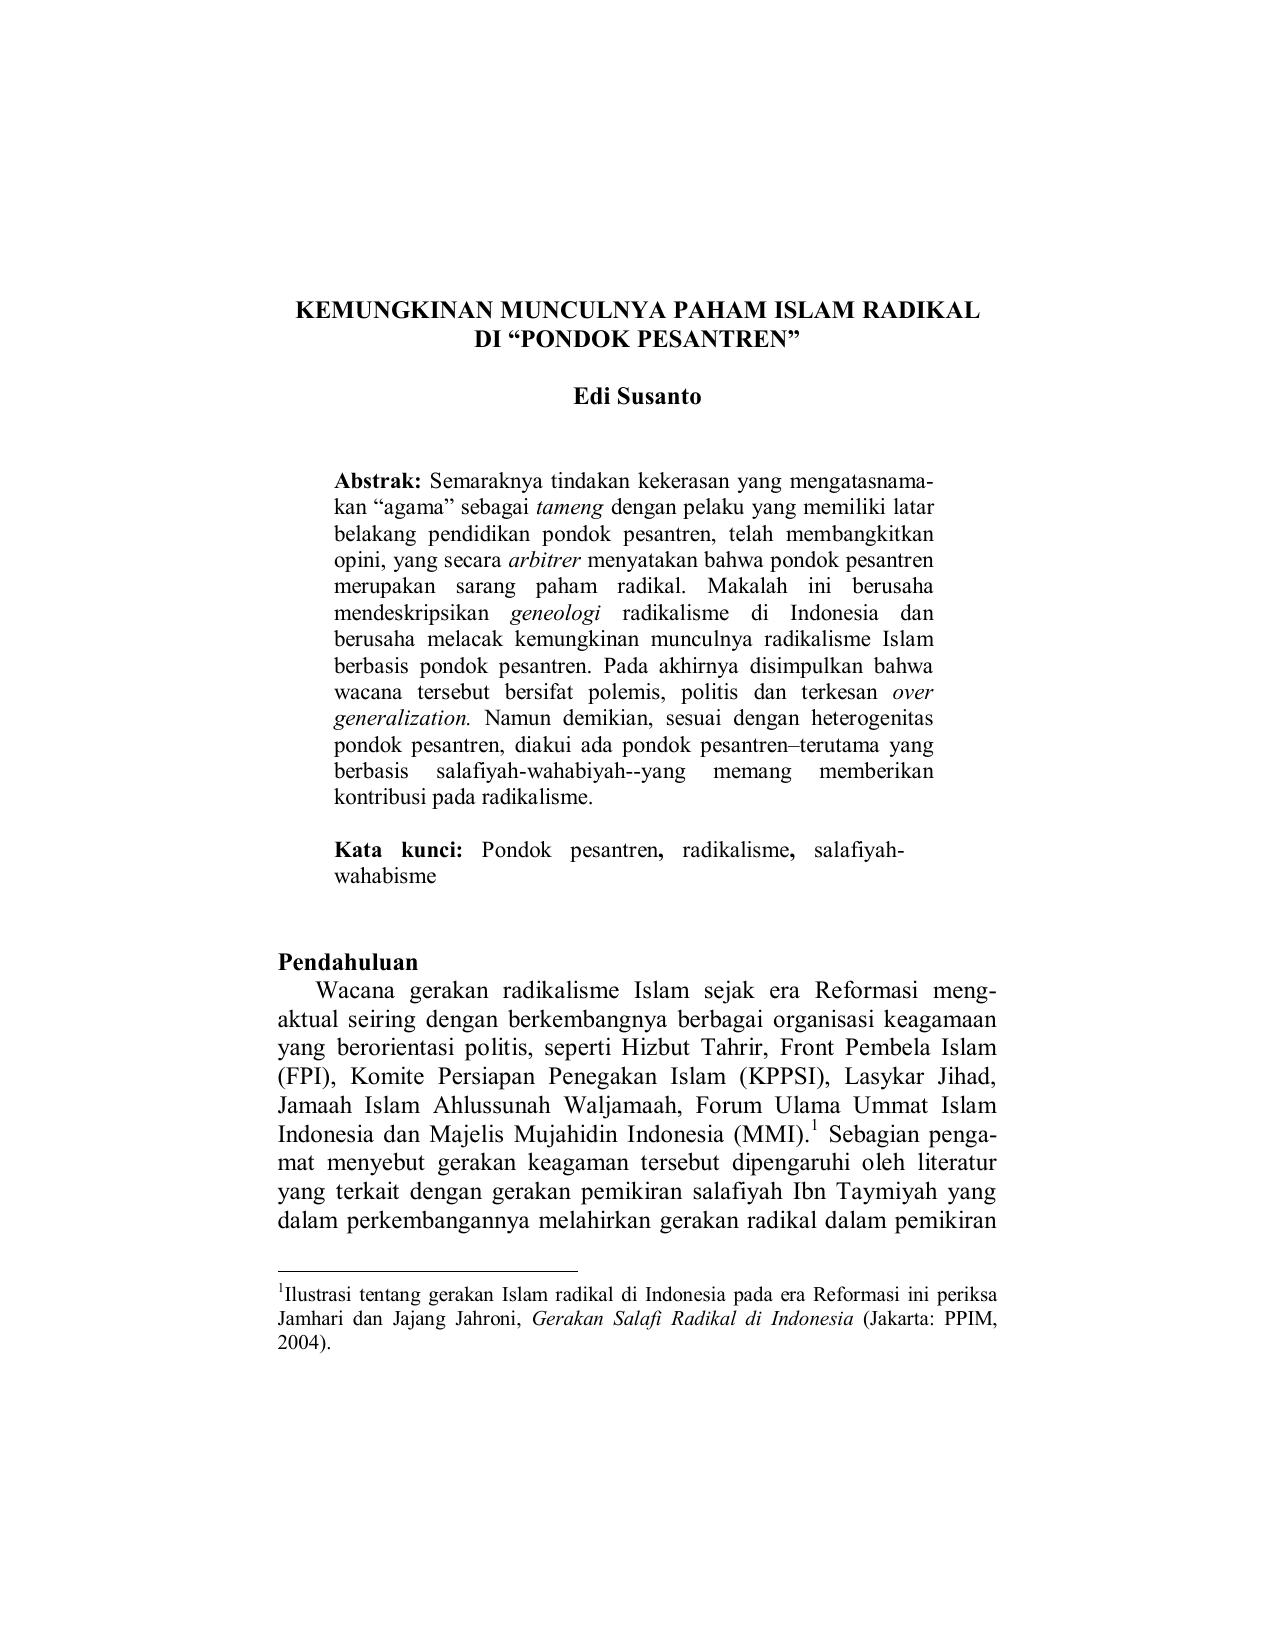 Makalah Gerakan Radikalisme Di Indonesia